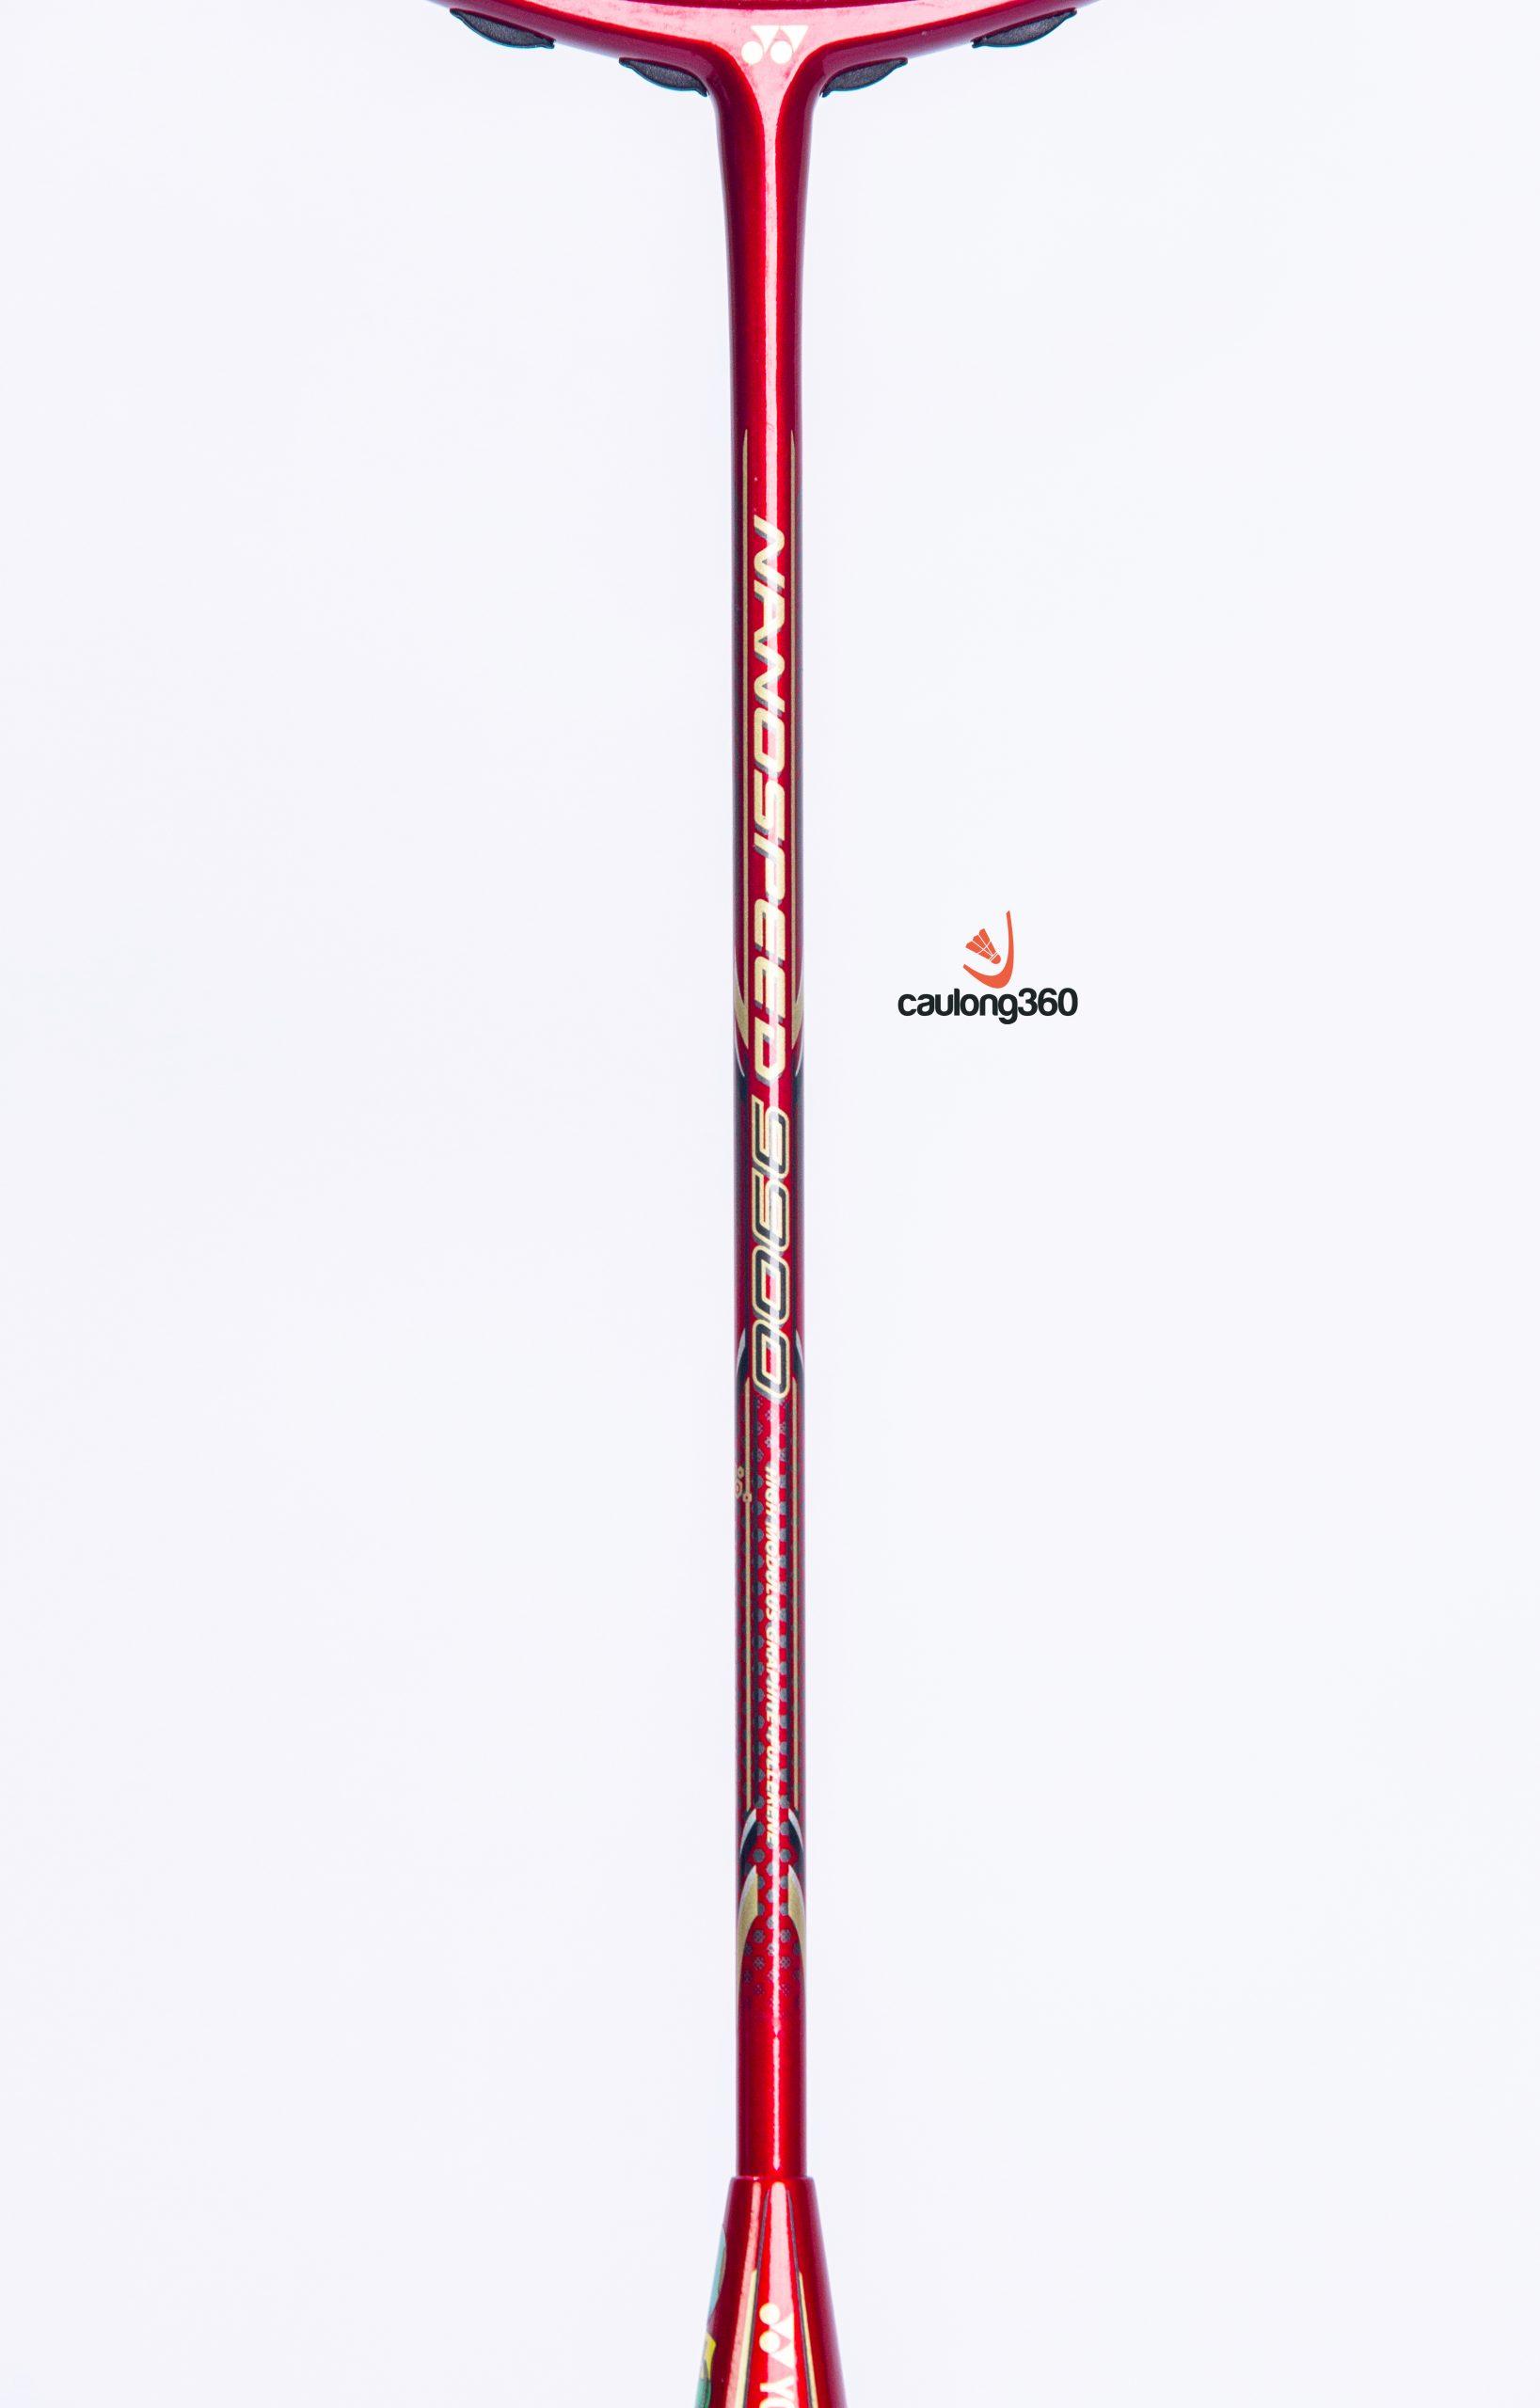 Vợt cầu lông Yonex Nanospeed 9900 | Dòng vợt xé gió đỉnh cao